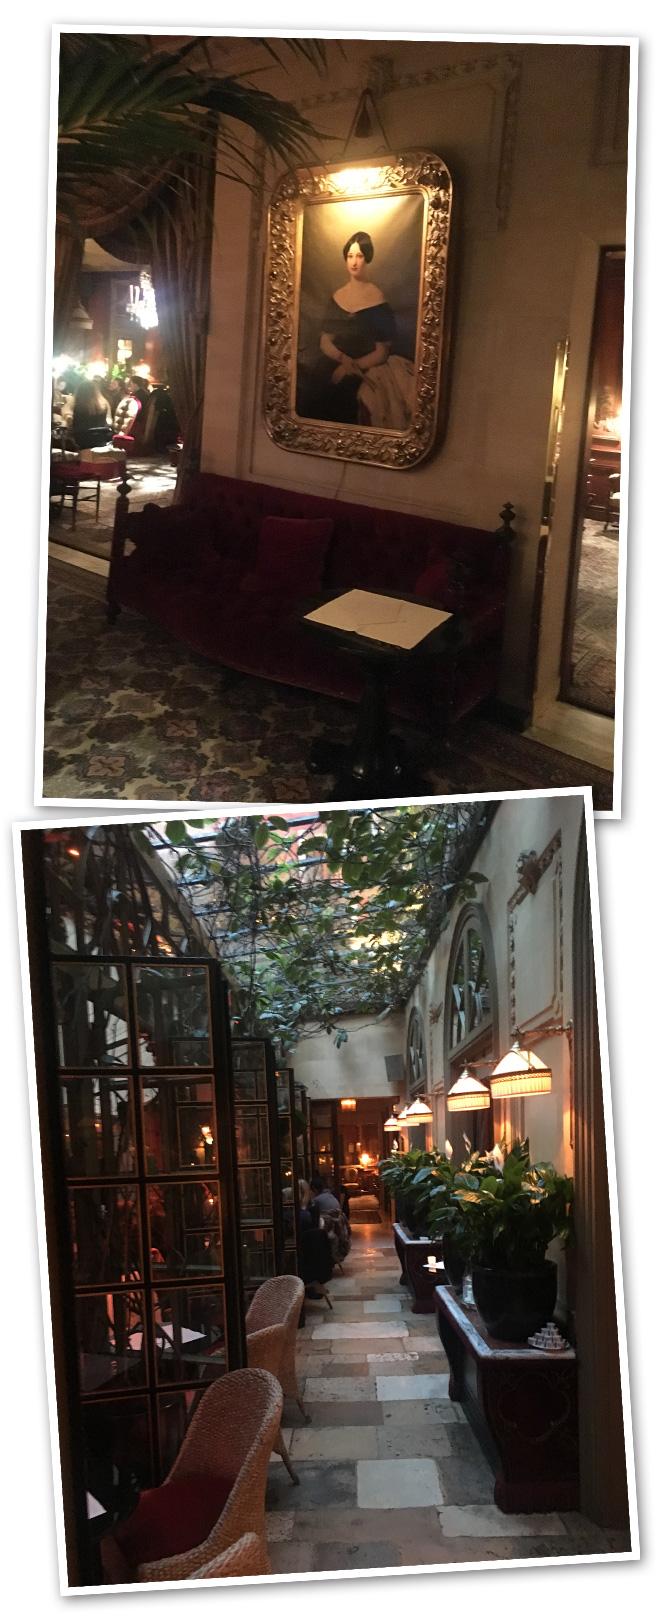 Otro hotel al que me gusta ir cuando estoy en París, pero tan sólo para comer o tomar un café por disfrutar del ambiente parisino con estilo es el Hotel Costescuya decoración, un tanto oscura, es del famoso Jacques García decorador también del Hotel La Mamounia en Marruecos y del que varias veces os he hablado ya.